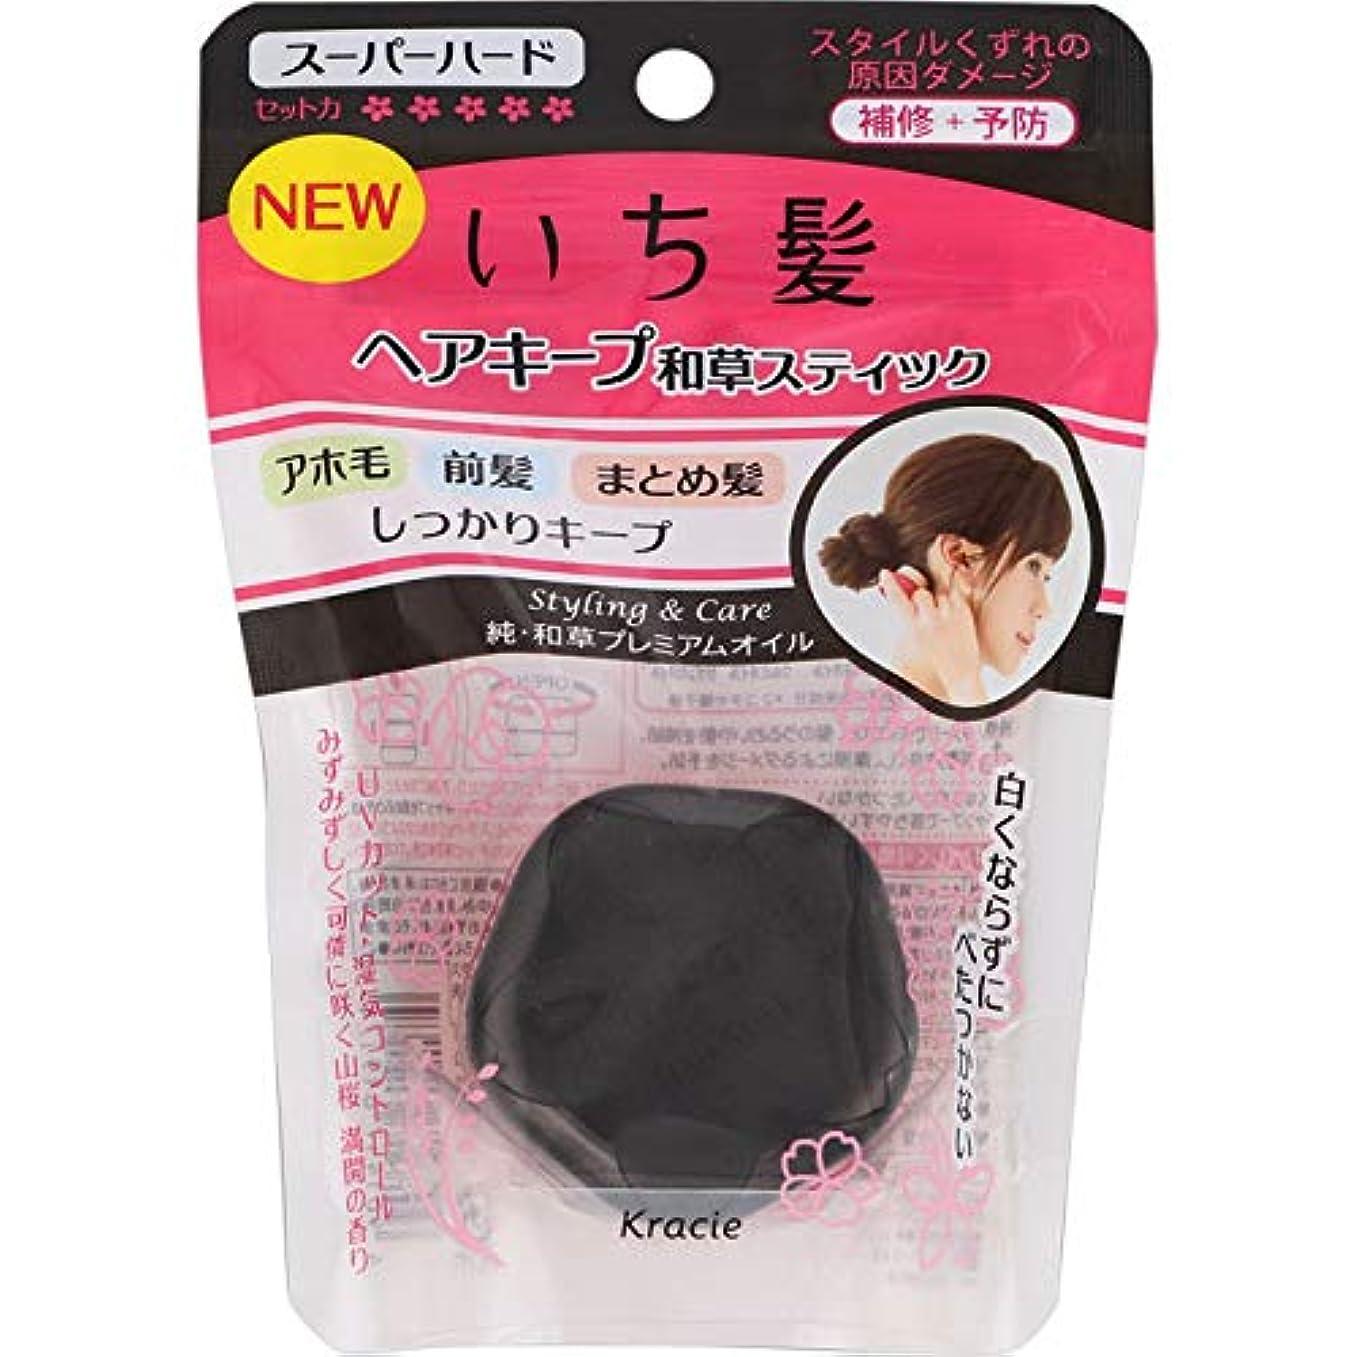 いち髪 ヘアキープ和草スティック(スーパーハード) × 8個セット